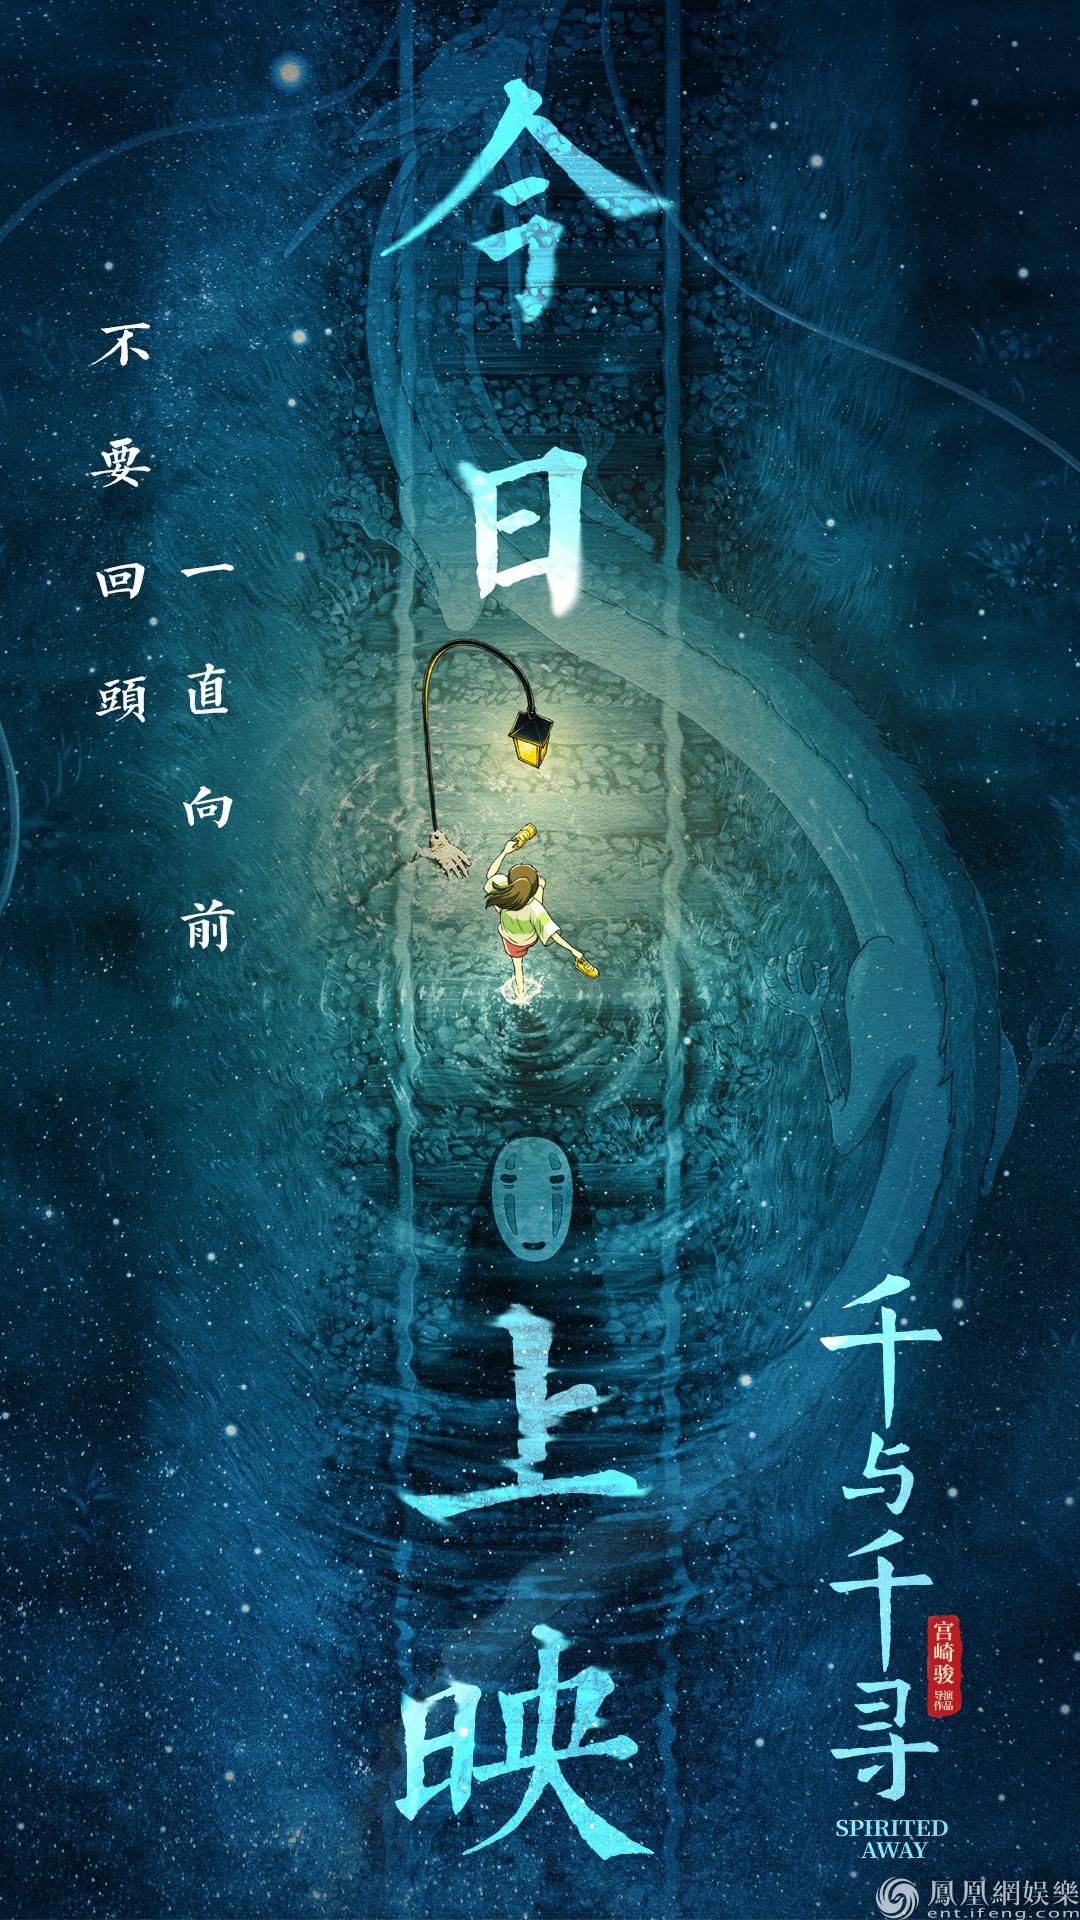 电影《千与千寻》今日上映 首日预售破千万满分力荐